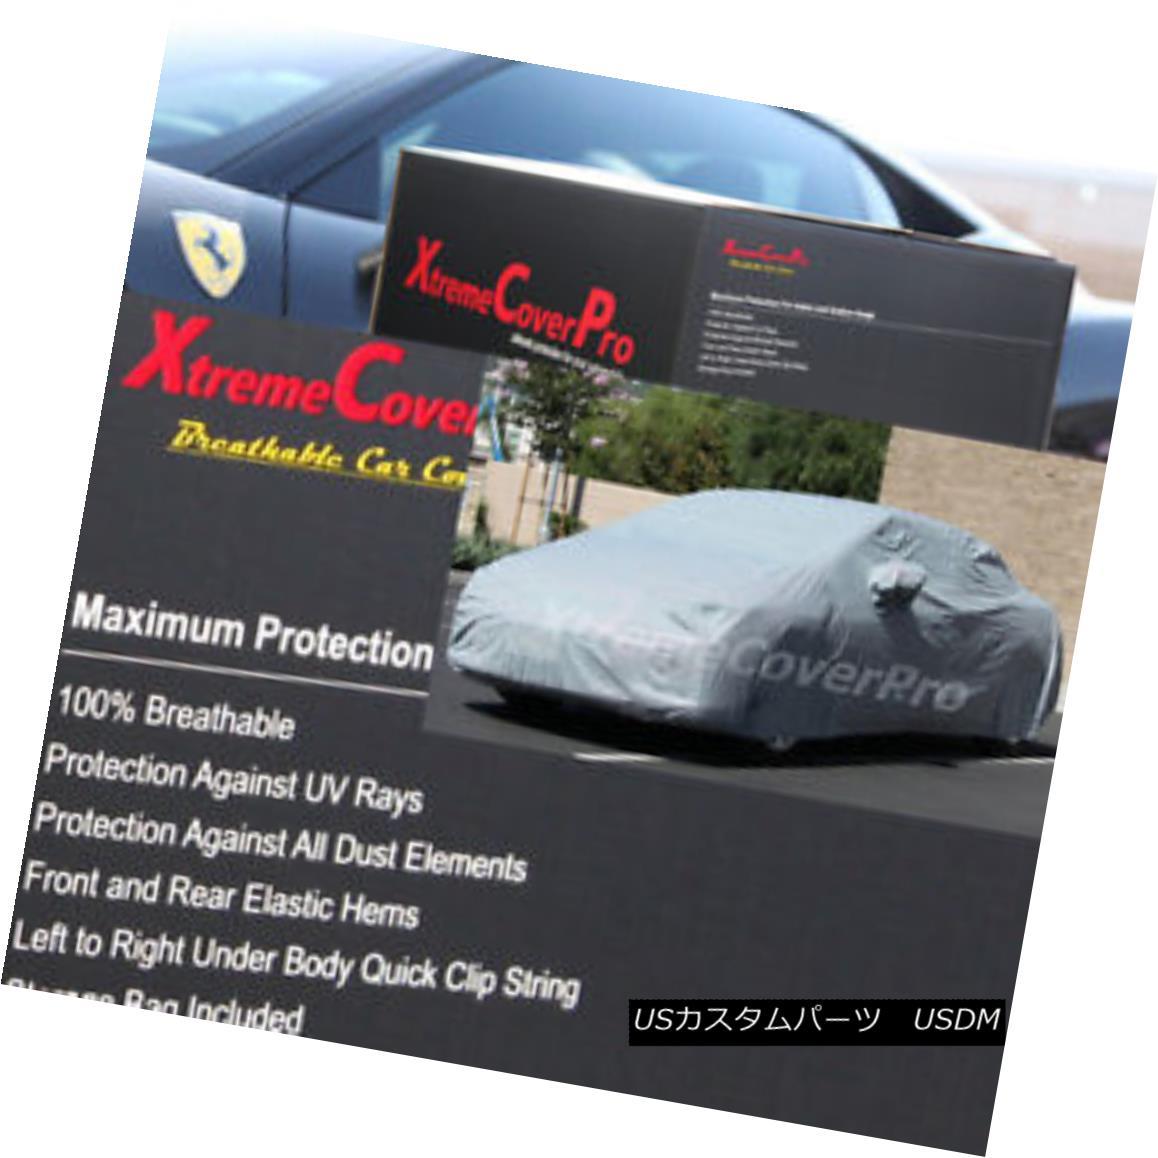 カーカバー 2014 Honda Fit Breathable Car Cover w/ Mirror Pocket 2014ホンダフィット通気性の車カバー(ミラーポケット付)